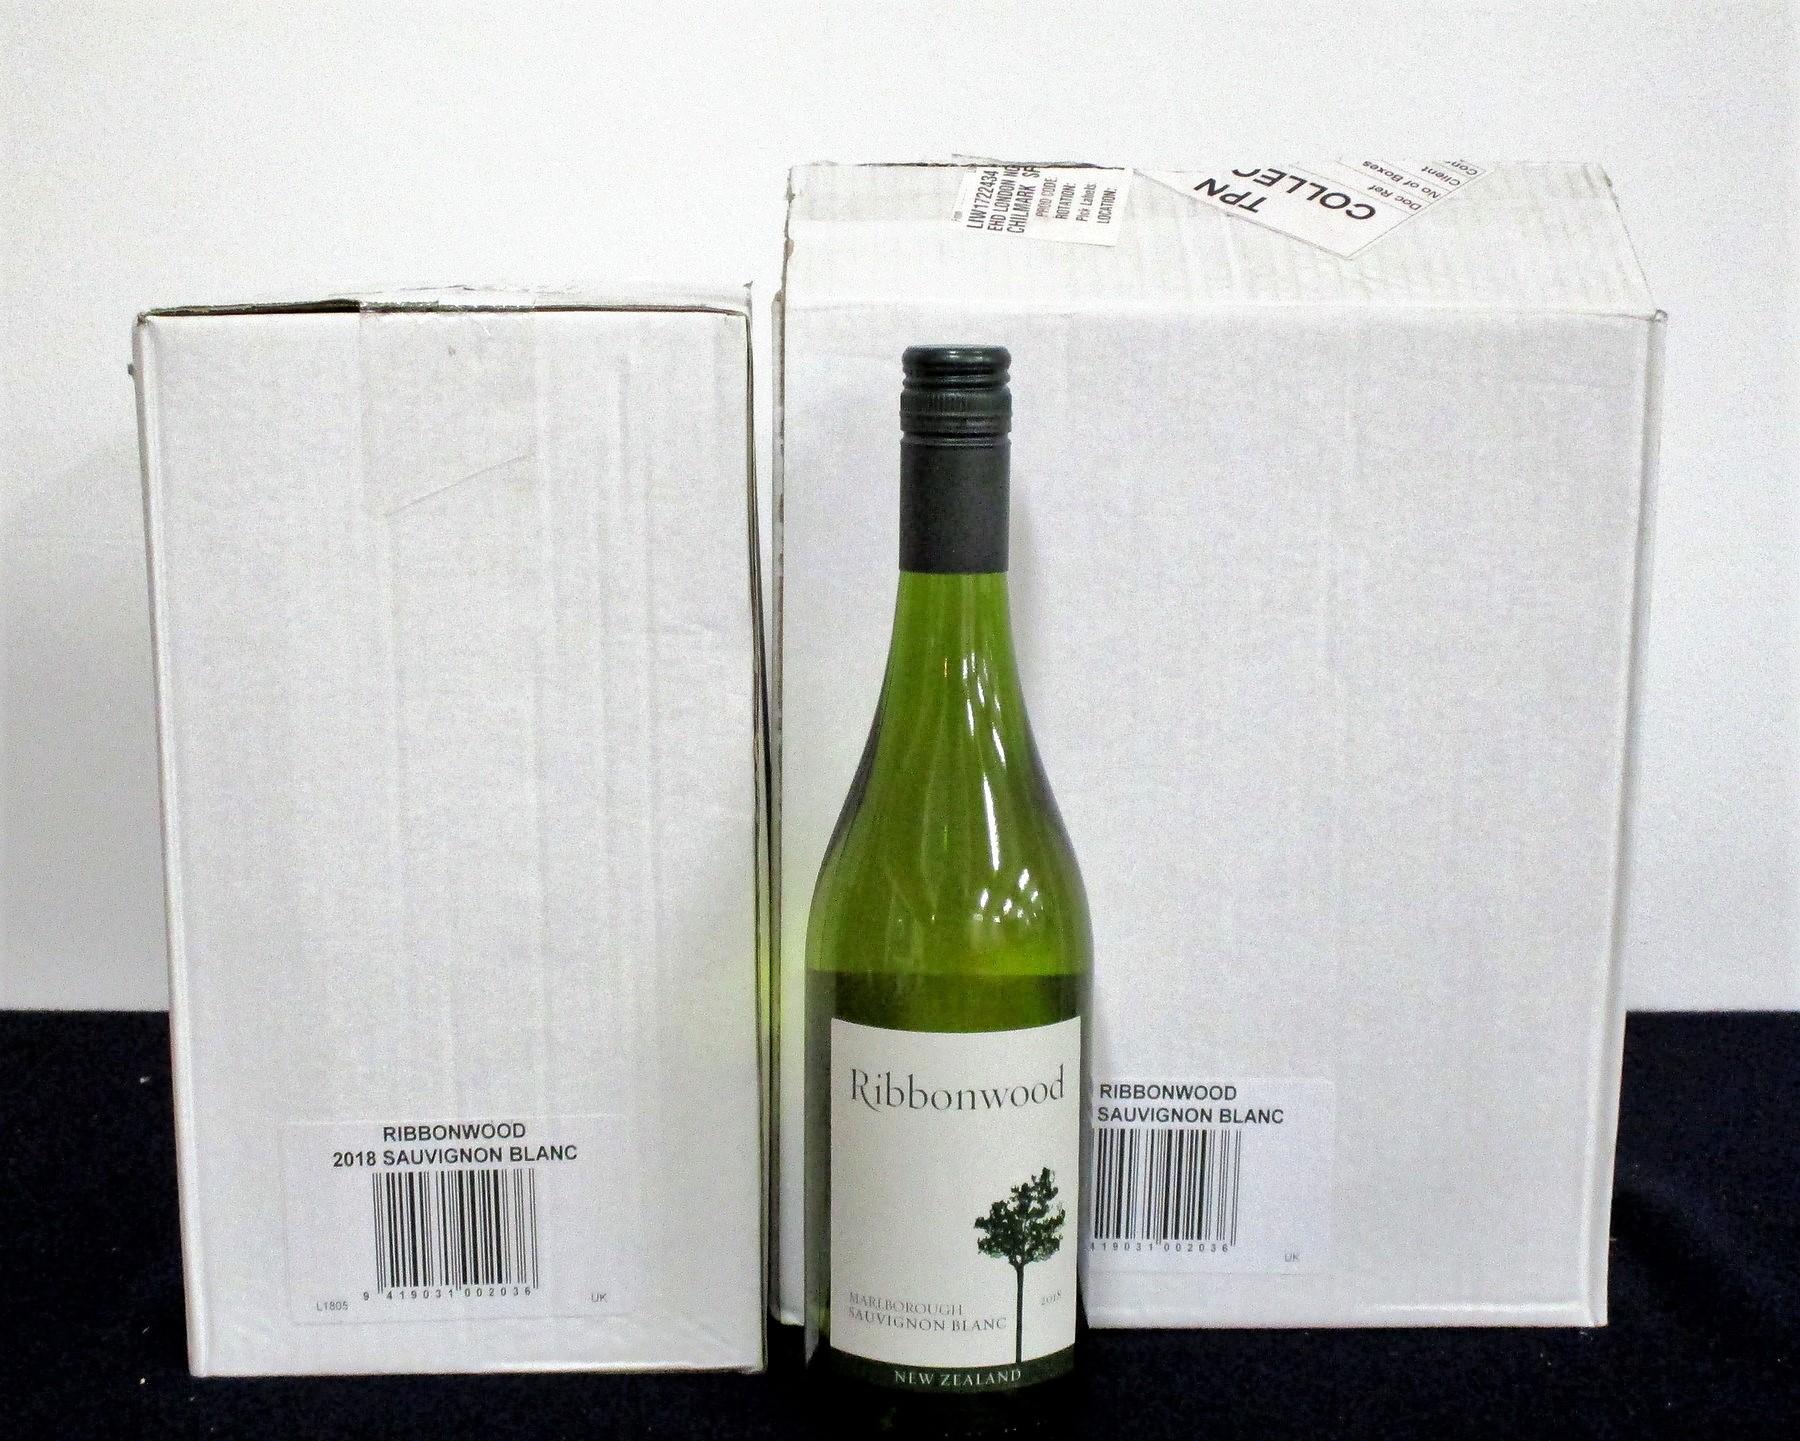 v 12 bts Ribbonwood Sauvignon Blanc 2018 oc (2 x 6) Marlborough